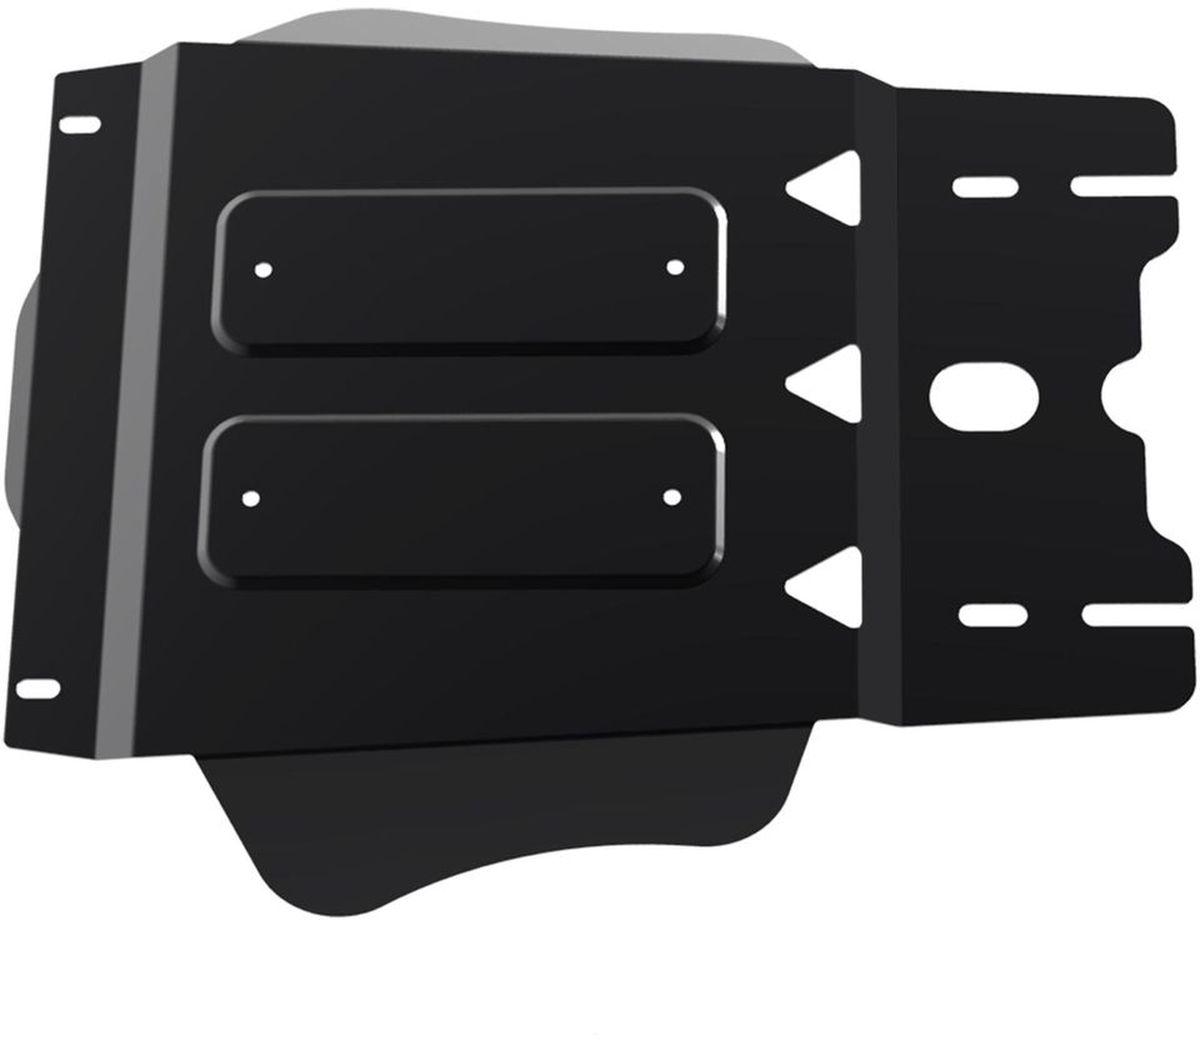 Защита КПП и РК Автоброня, для UAZ Patriot V-все, (2013-2014-)222.06311.1Технологически совершенный продукт за невысокую стоимость. Защита разработана с учетом особенностей днища автомобиля, что позволяет сохранить дорожный просвет с минимальным изменением. Защита устанавливается в штатные места кузова автомобиля. Глубокий штамп обеспечивает до двух раз больше жесткости в сравнении с обычной защитой той же толщины. Проштампованные ребра жесткости препятствуют деформации защиты при ударах. Тепловой зазор и вентиляционные отверстия обеспечивают сохранение температурного режима двигателя в норме. Скрытый крепеж предотвращает срыв крепежных элементов при наезде на препятствие. Шумопоглощающие резиновые элементы обеспечивают комфортную езду без вибраций и скрежета металла, а съемные лючки для слива масла и замены фильтра - экономию средств и время. Конструкция изделия не влияет на пассивную безопасность автомобиля (при ударе защита не воздействует на деформационные зоны кузова). Со штатным крепежом. В комплекте инструкция по установке....